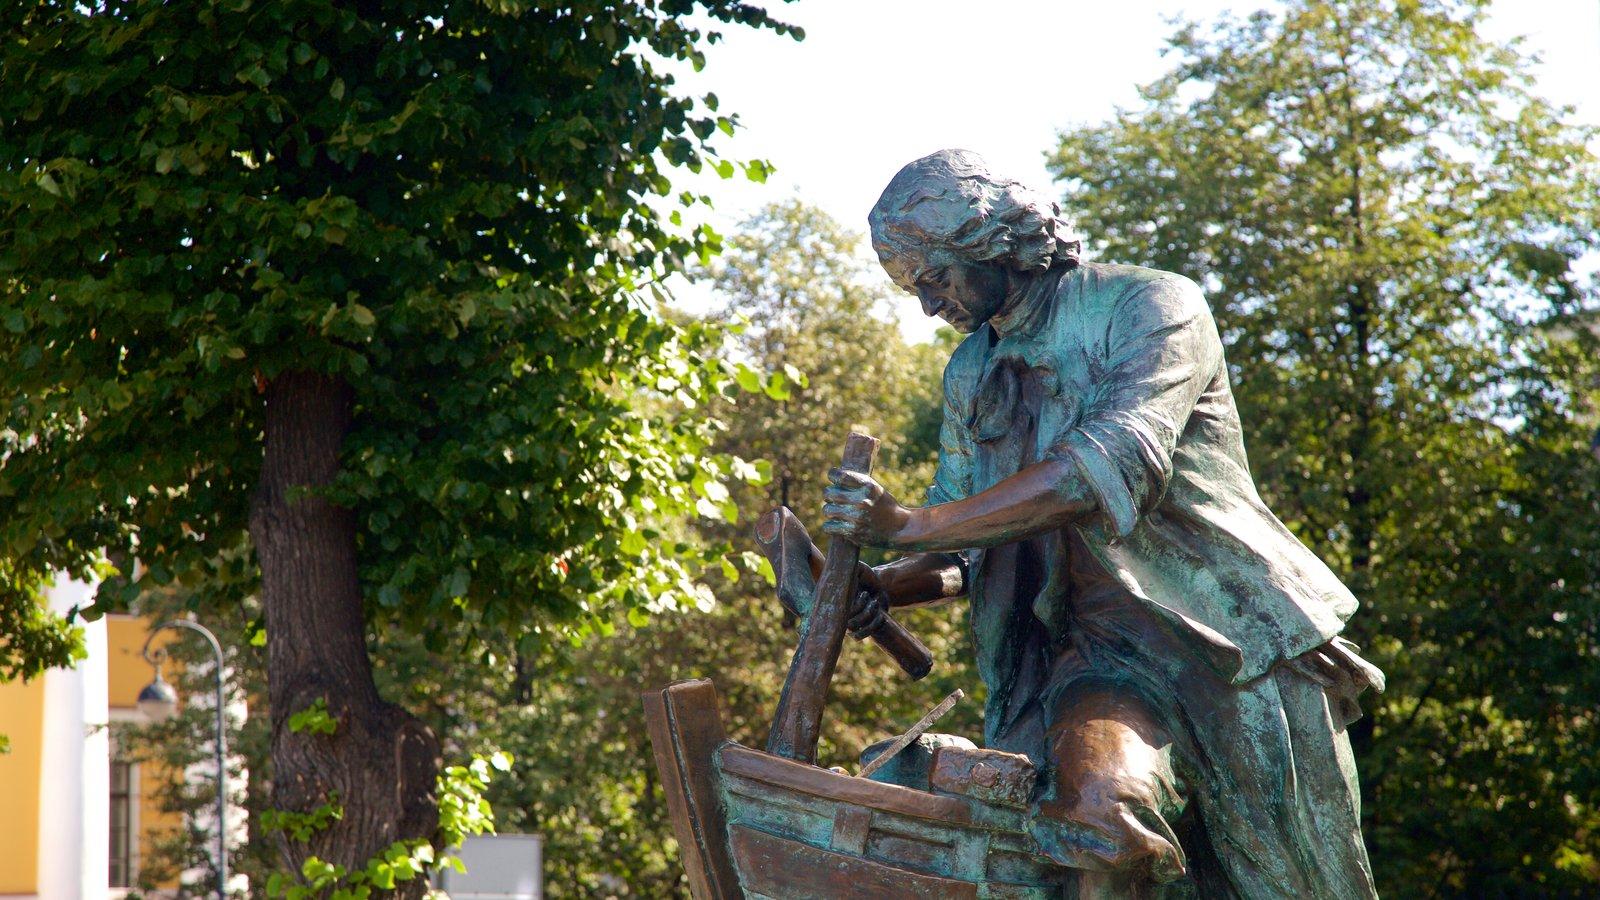 Cais do Almirante caracterizando uma estátua ou escultura